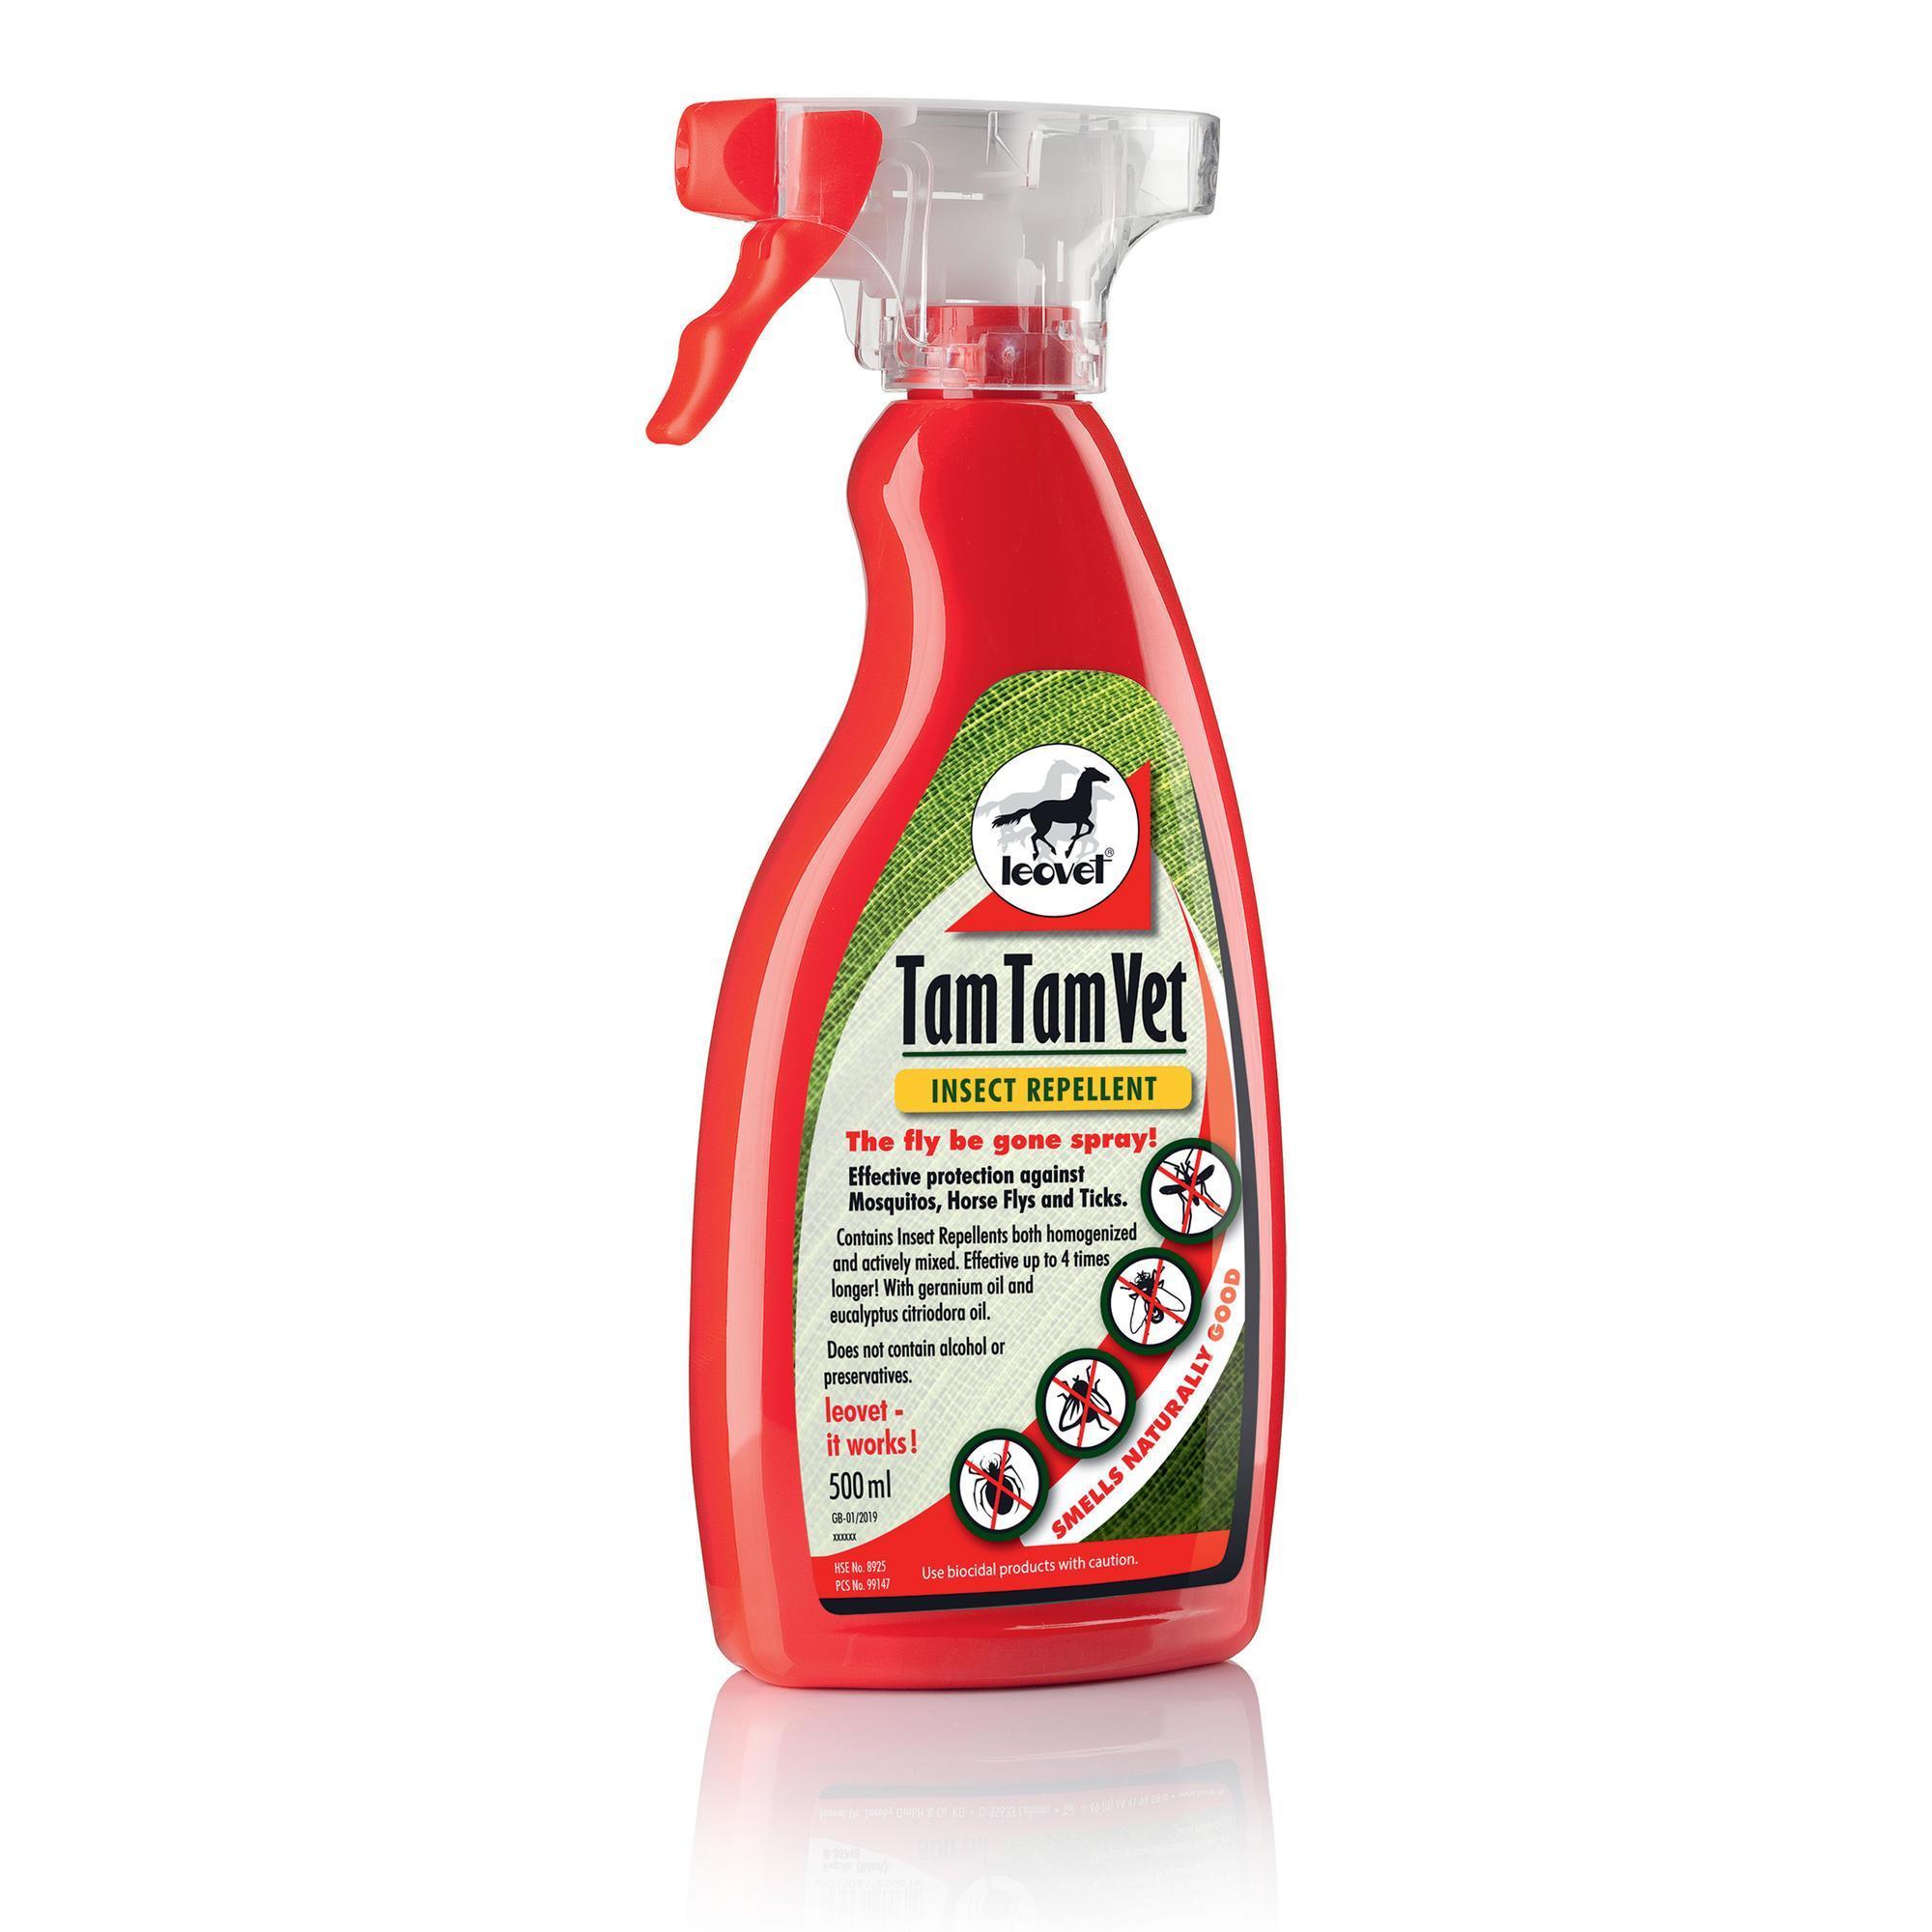 Leovet dr jacobi gmb Insectenwerende spray voor paarden en pony's Tam Tam Vet 500 ml